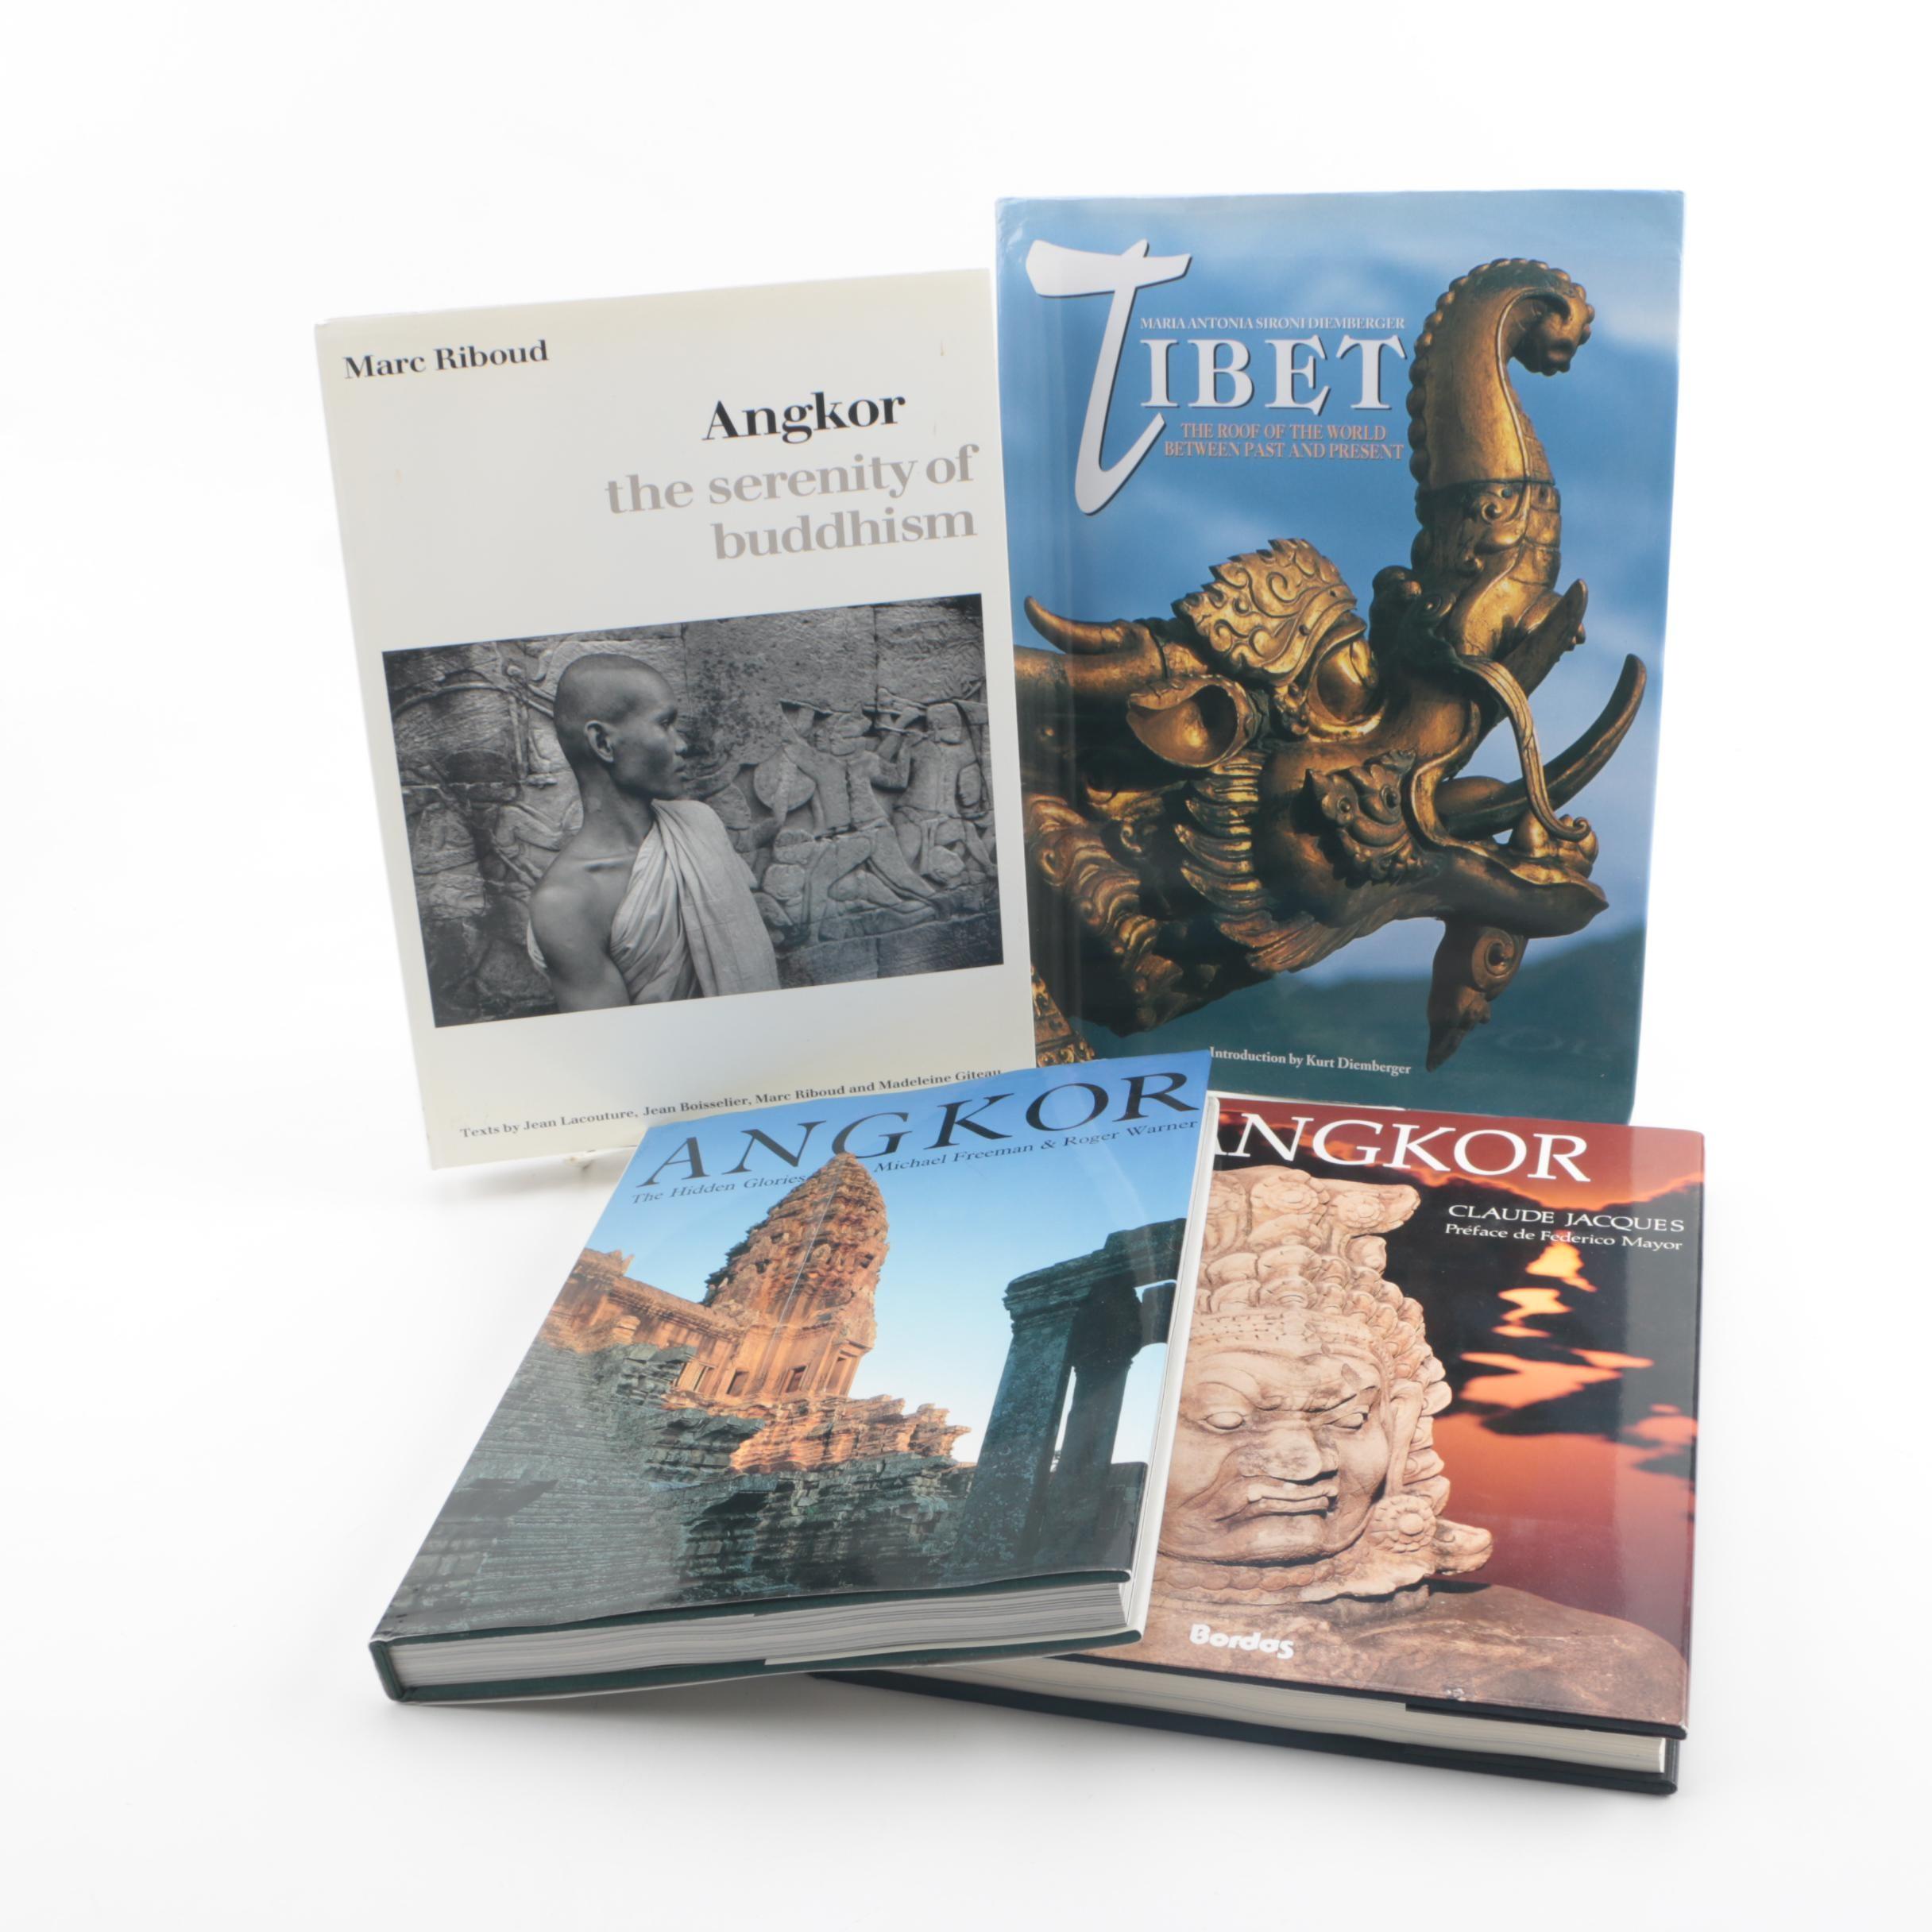 Angkor and Tibetan Art Books